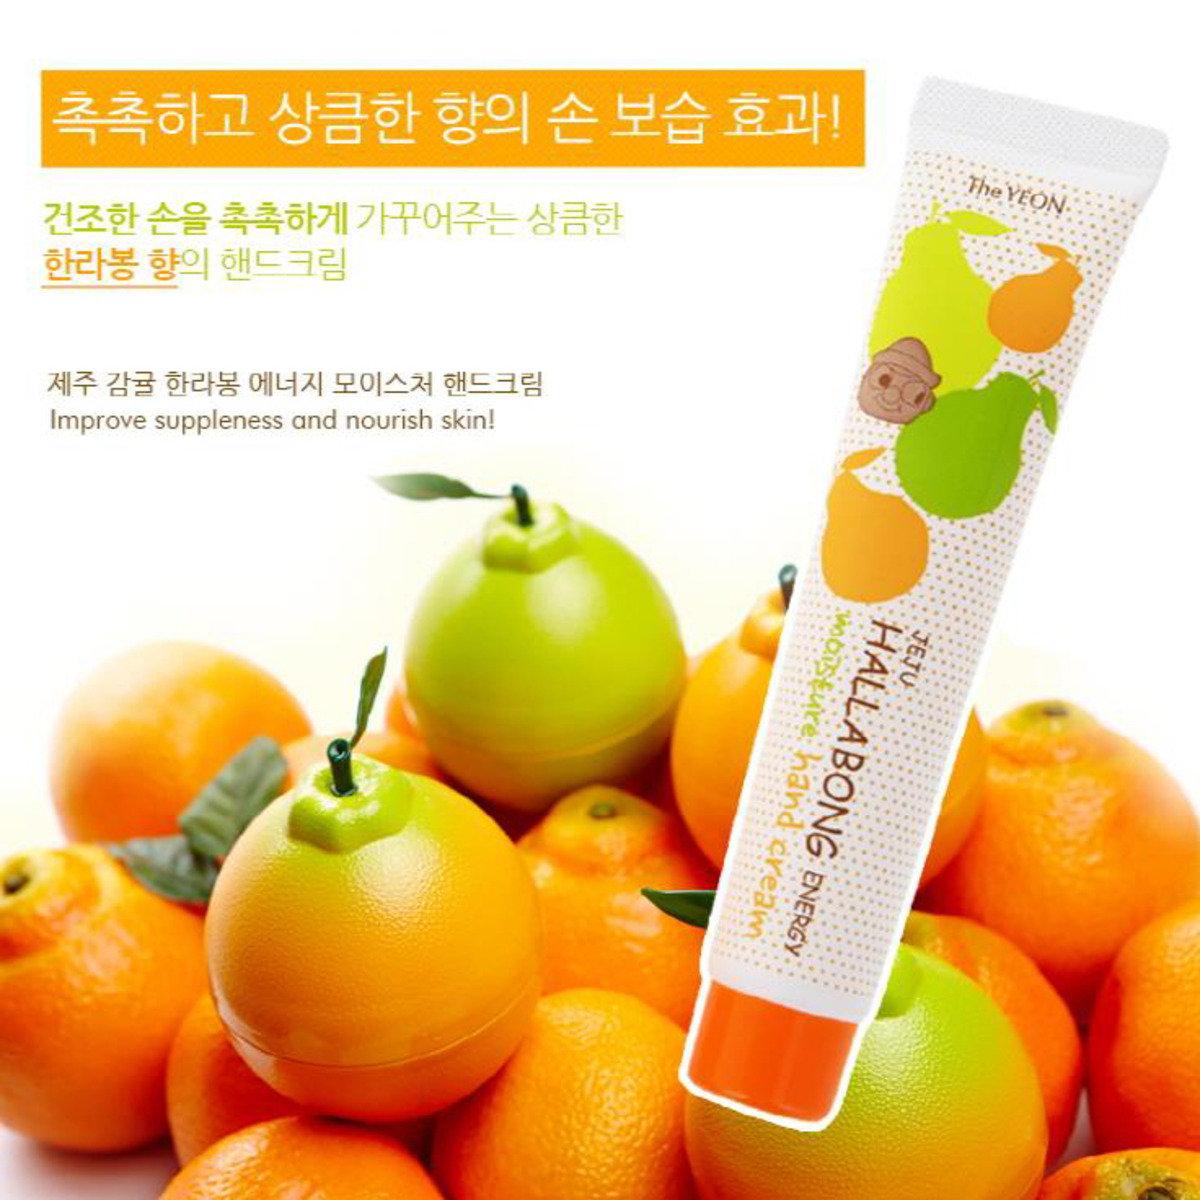 漢拿峰柑橘護手霜